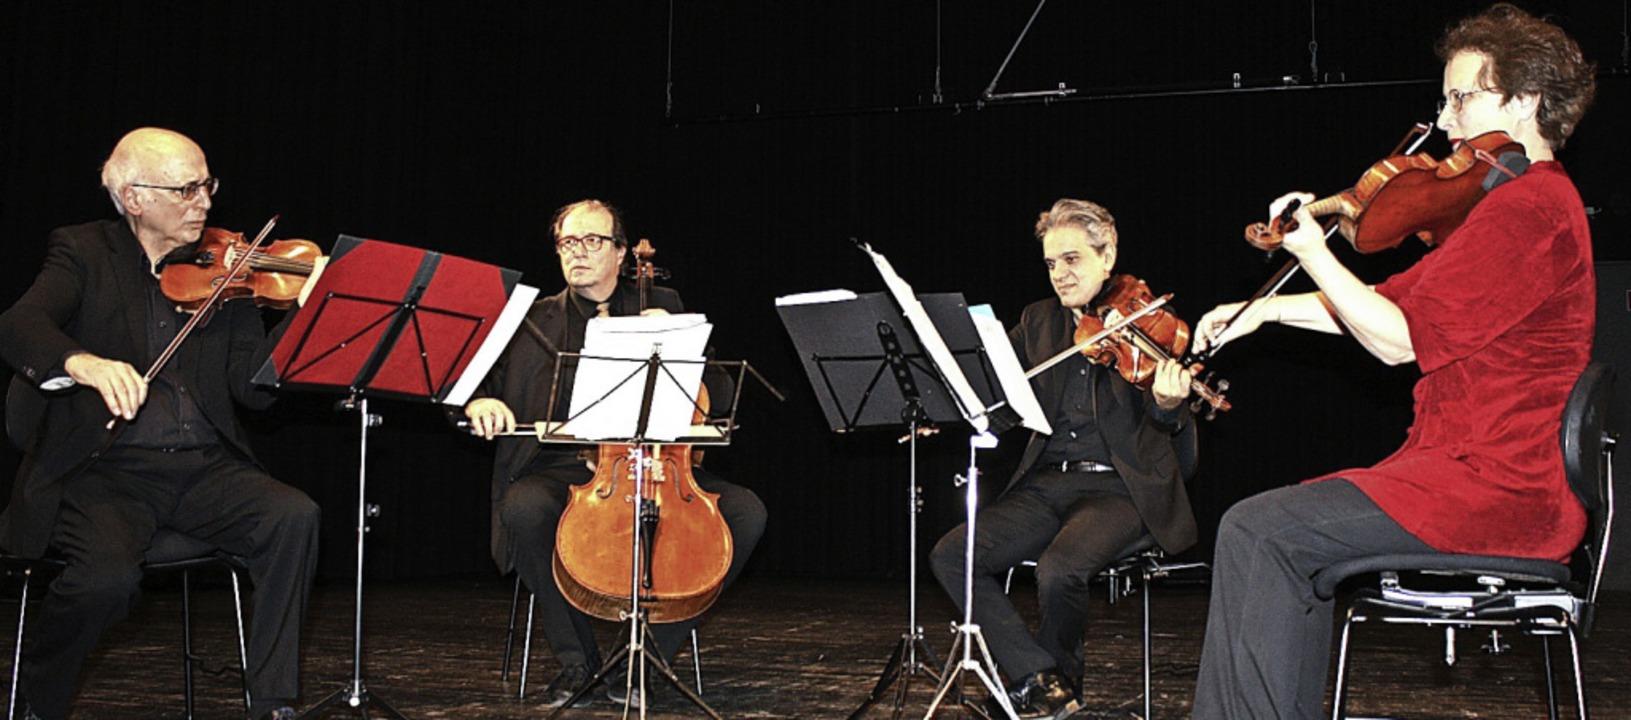 Antonio Pellegrini (Geige), Tobias Mos...er (Geige) beim Konzert in Denzlingen   | Foto: Hildegard Karig